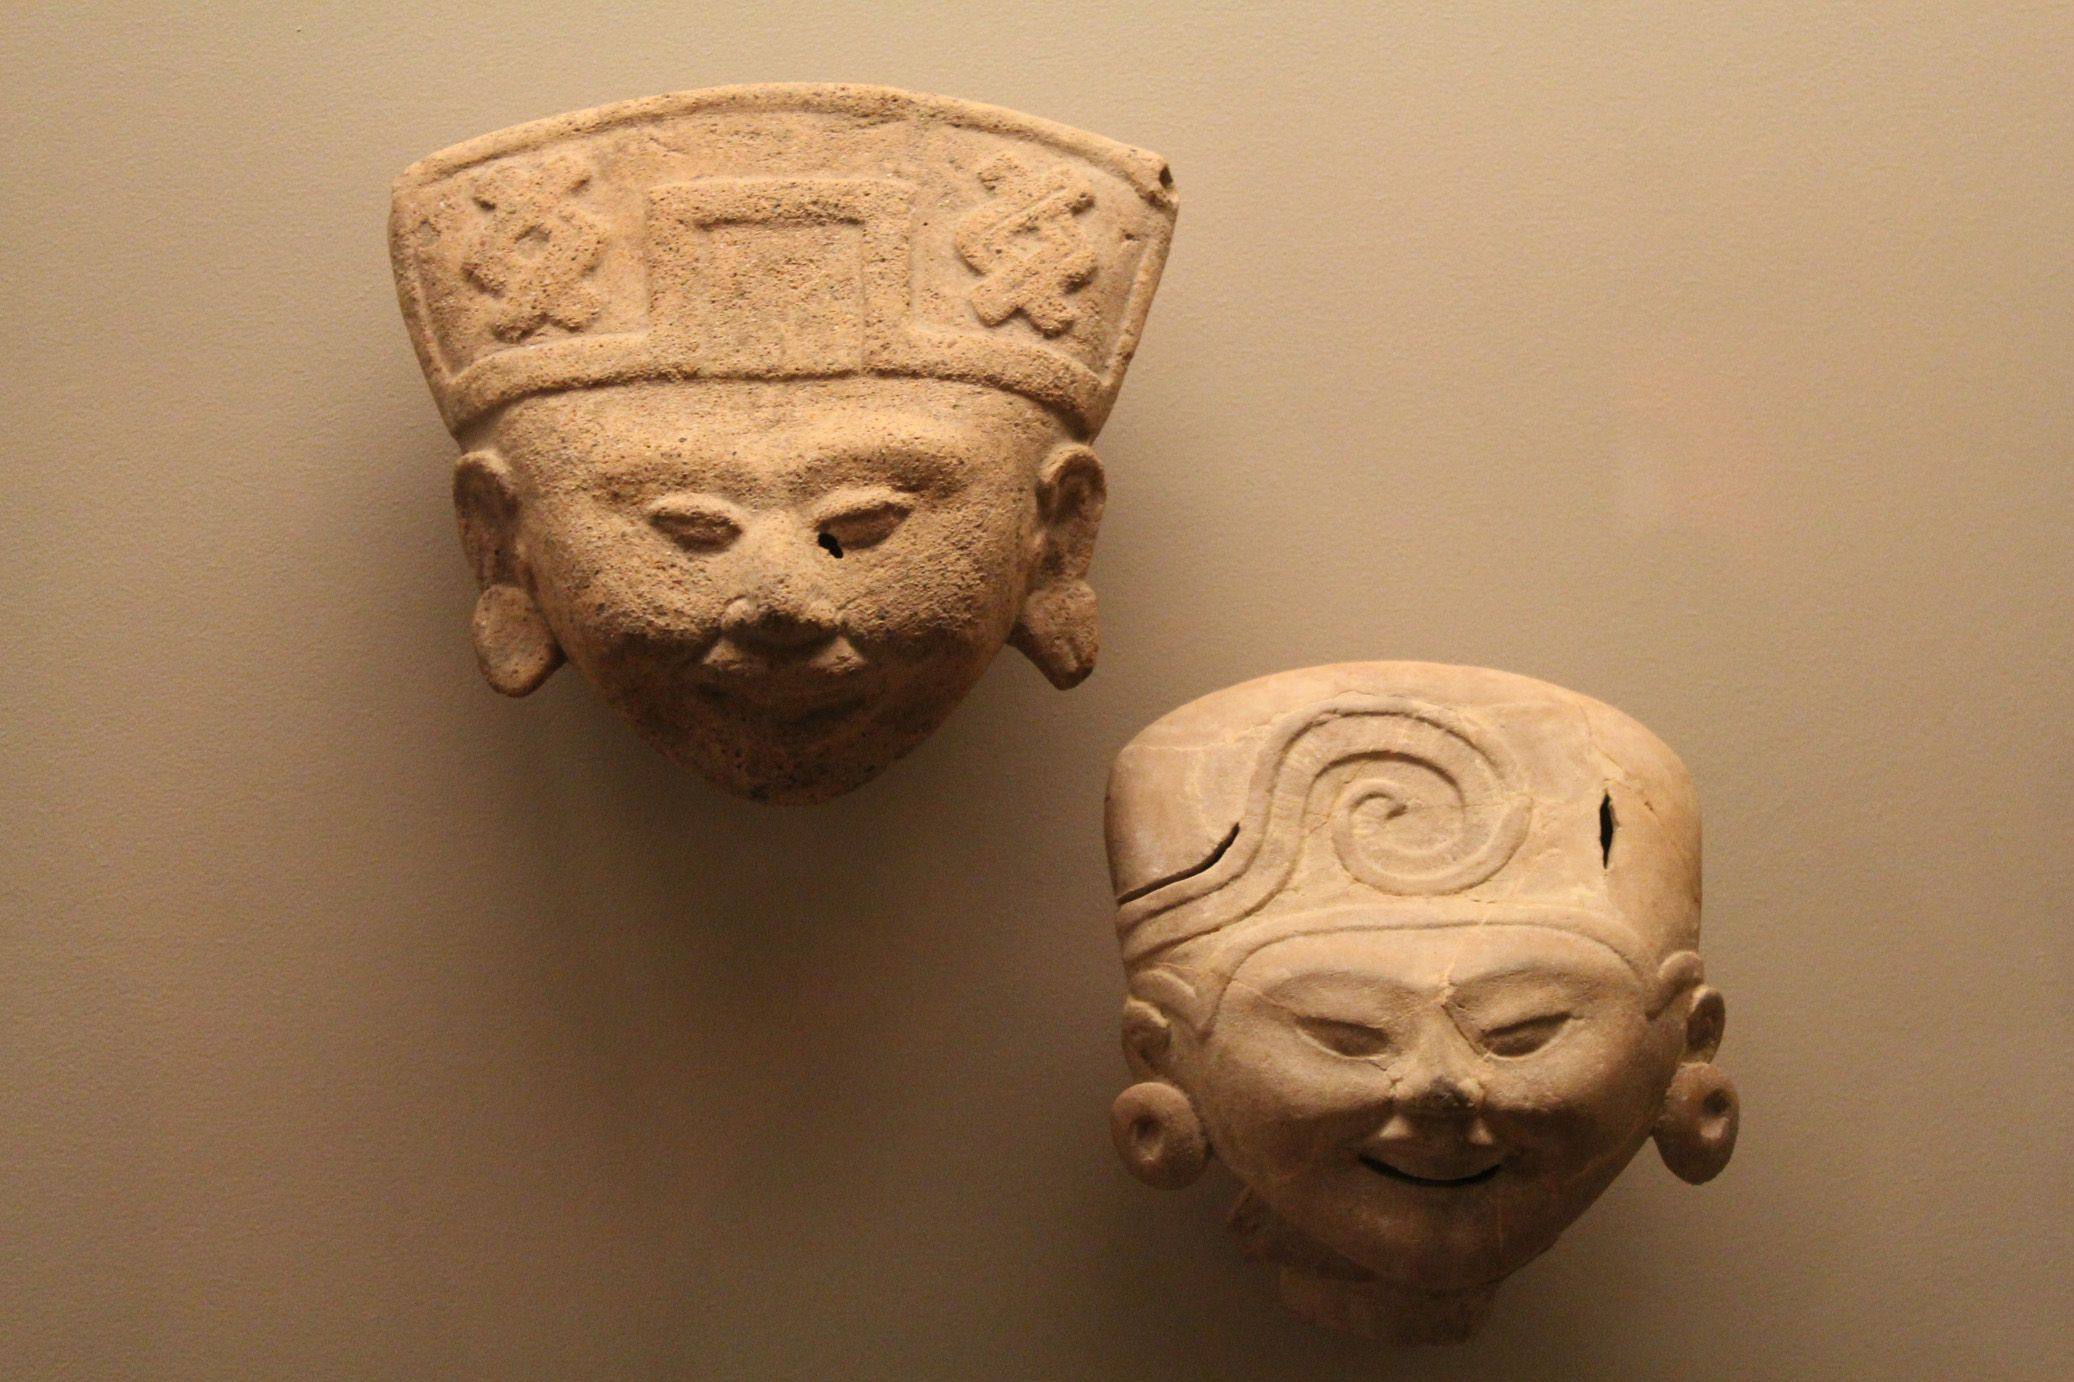 A pair of ceramic heads from veracruz culture british museum pre